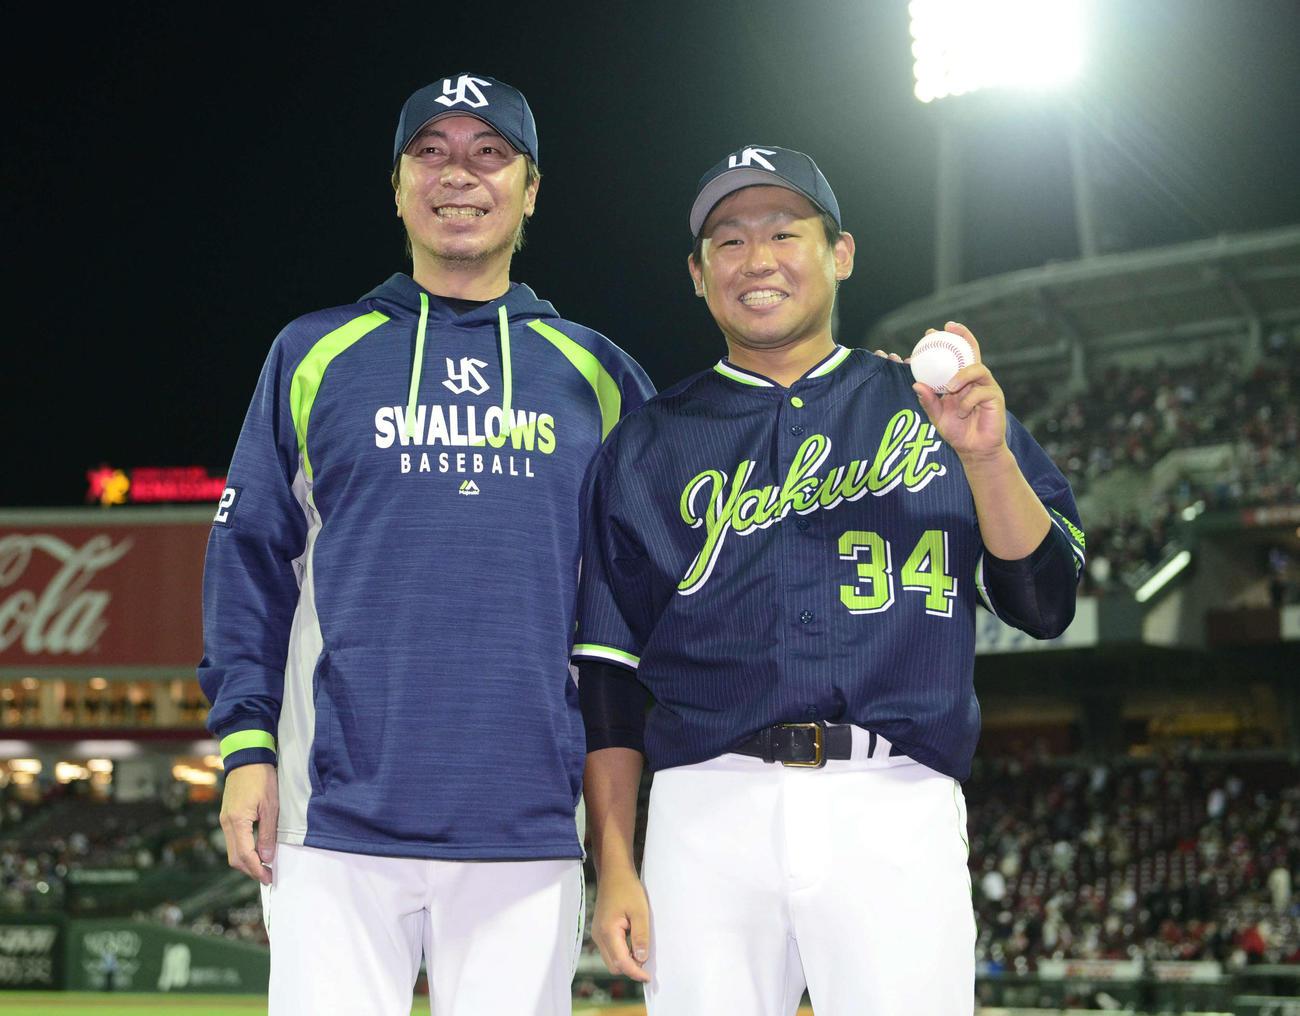 広島対ヤクルト 移籍後初勝利を飾ったヤクルト田口(右)は高津監督と記念撮影する